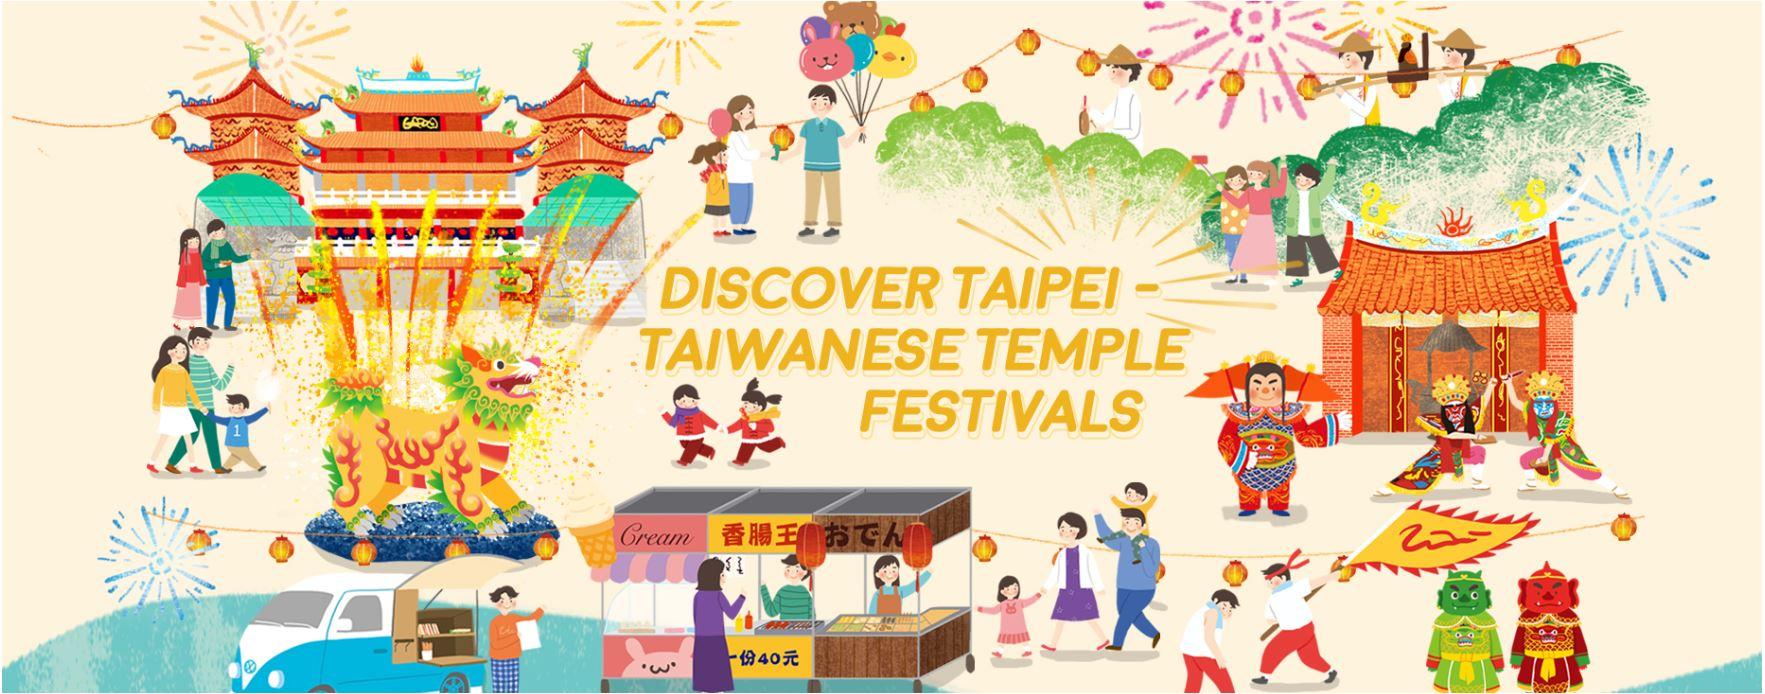 Du lịch hội chùa khám phá Đài Bắc